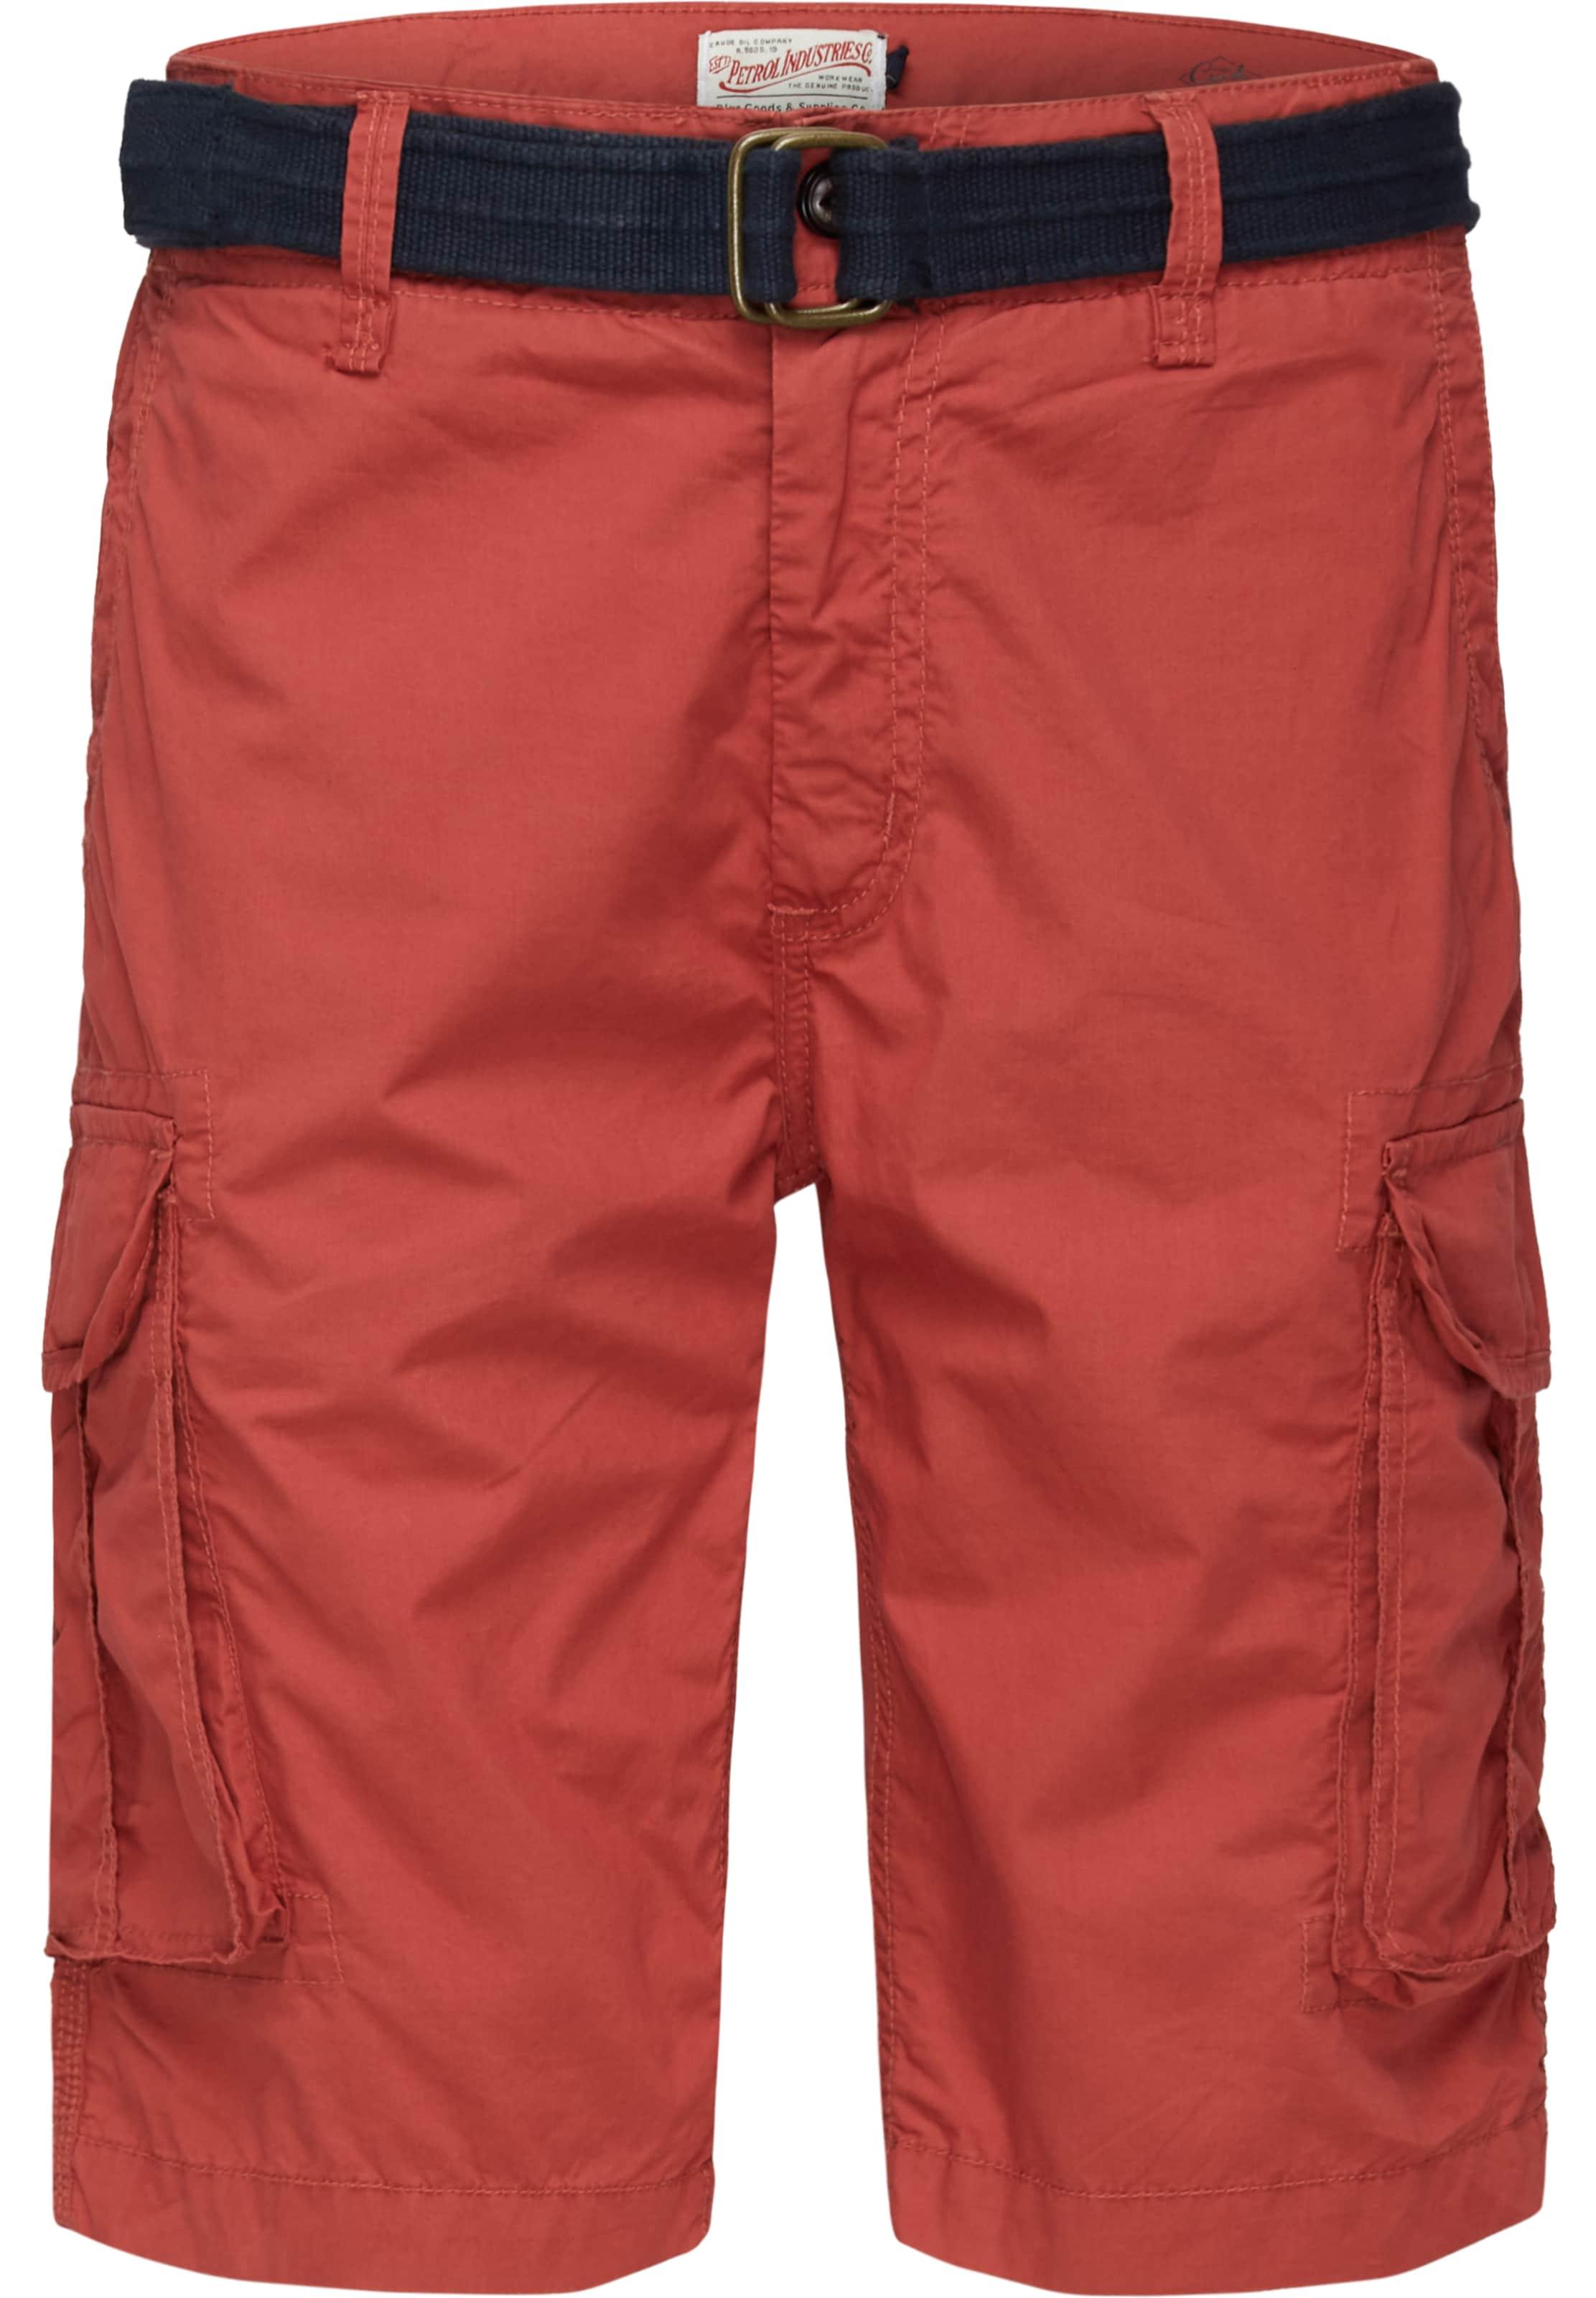 In Shorts Shorts Pastellrot In Petrol Industries Petrol Industries txroBQshdC